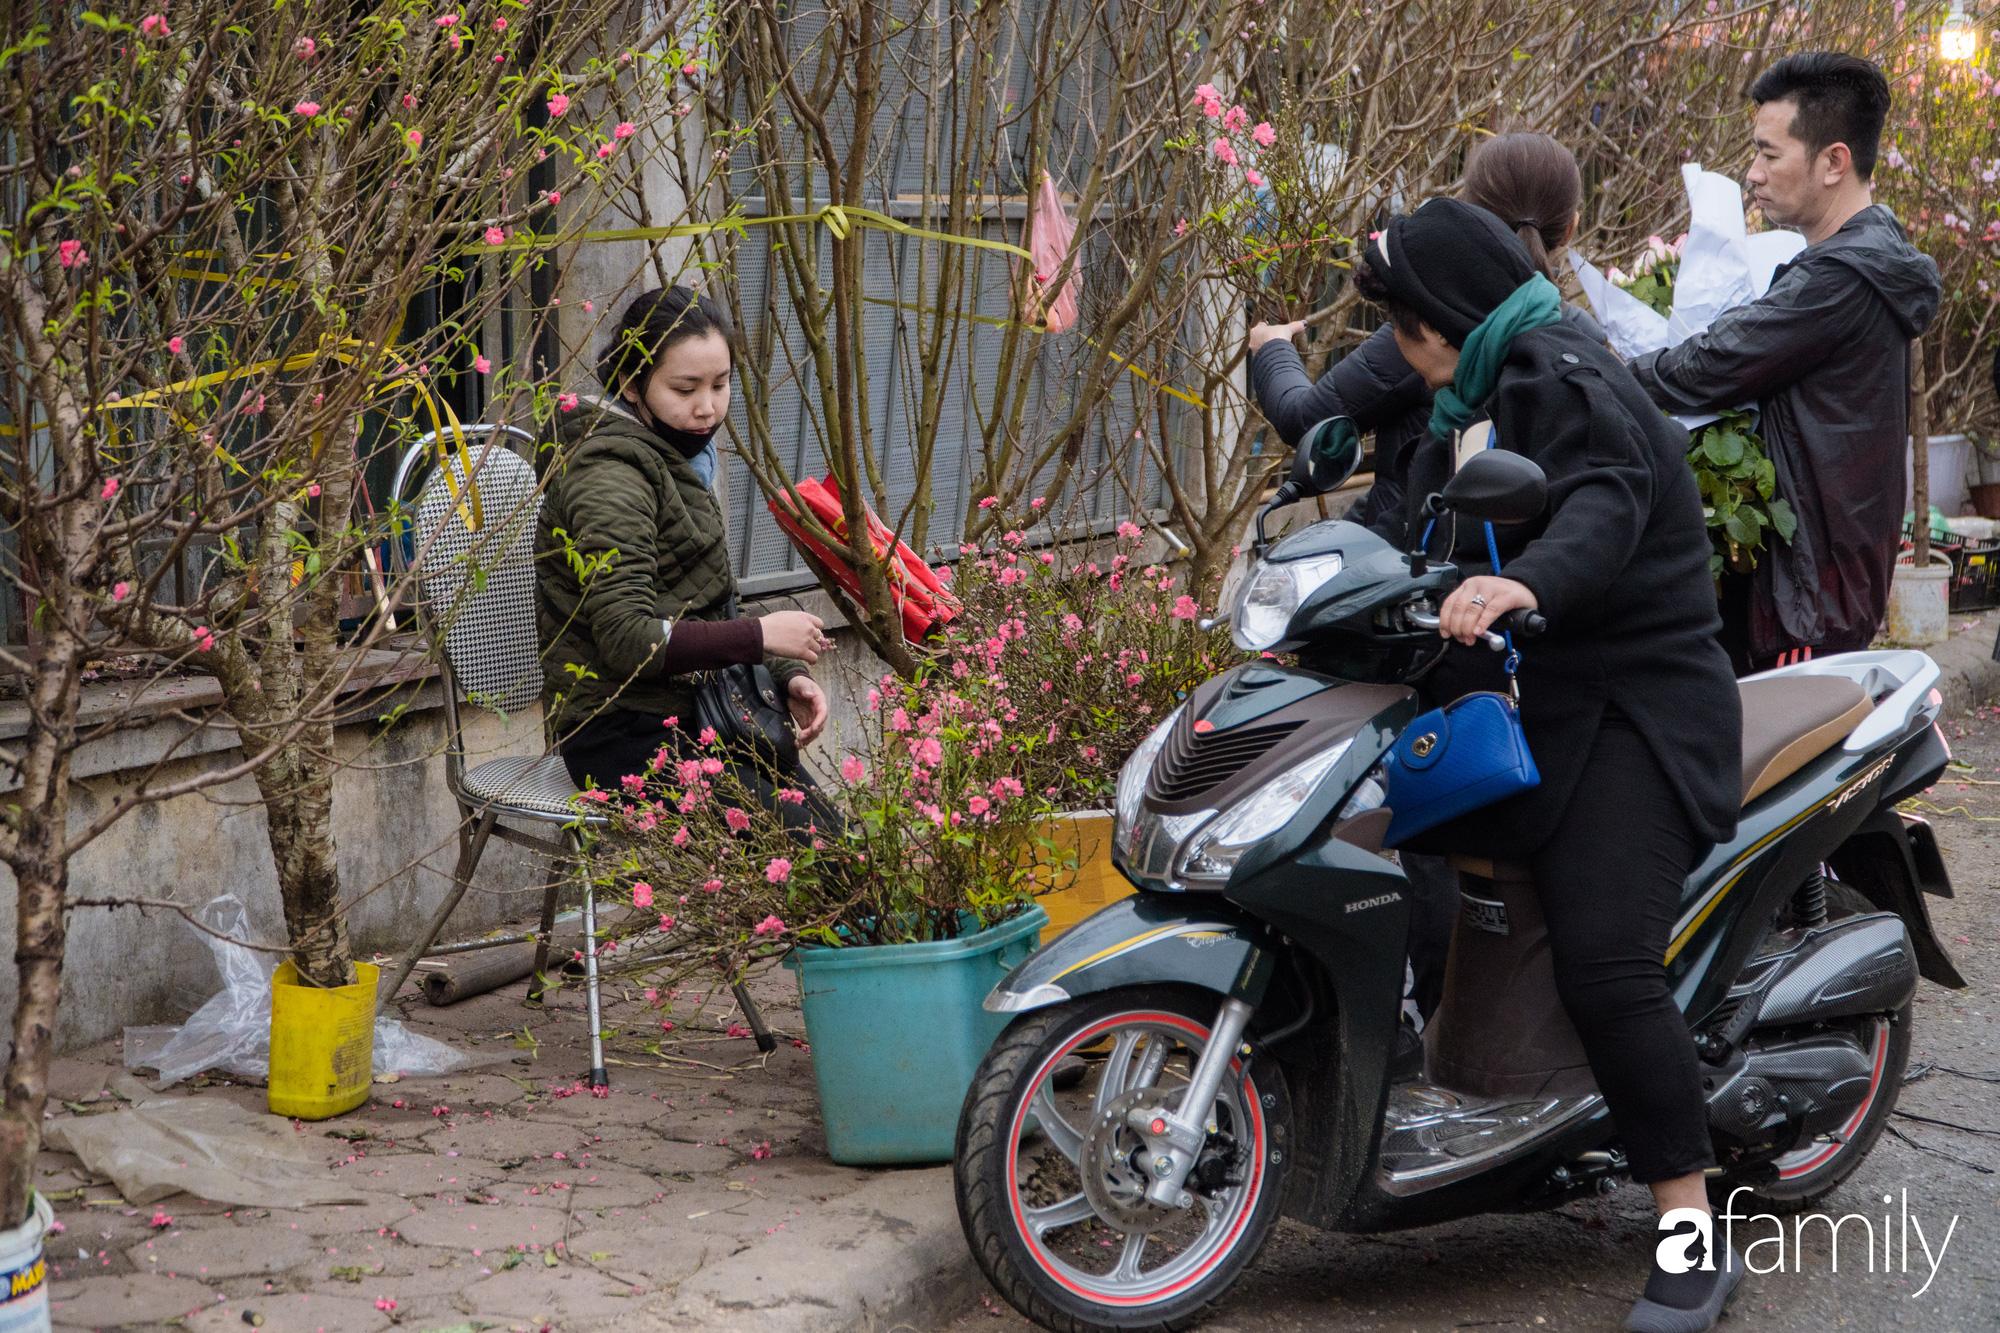 Những khoảnh khắc bình dị ngày cuối năm ở chợ hoa Quảng An, dù lạnh thấu xương nhưng người Hà Nội vẫn nô nức sắm hoa chơi Tết - Ảnh 19.